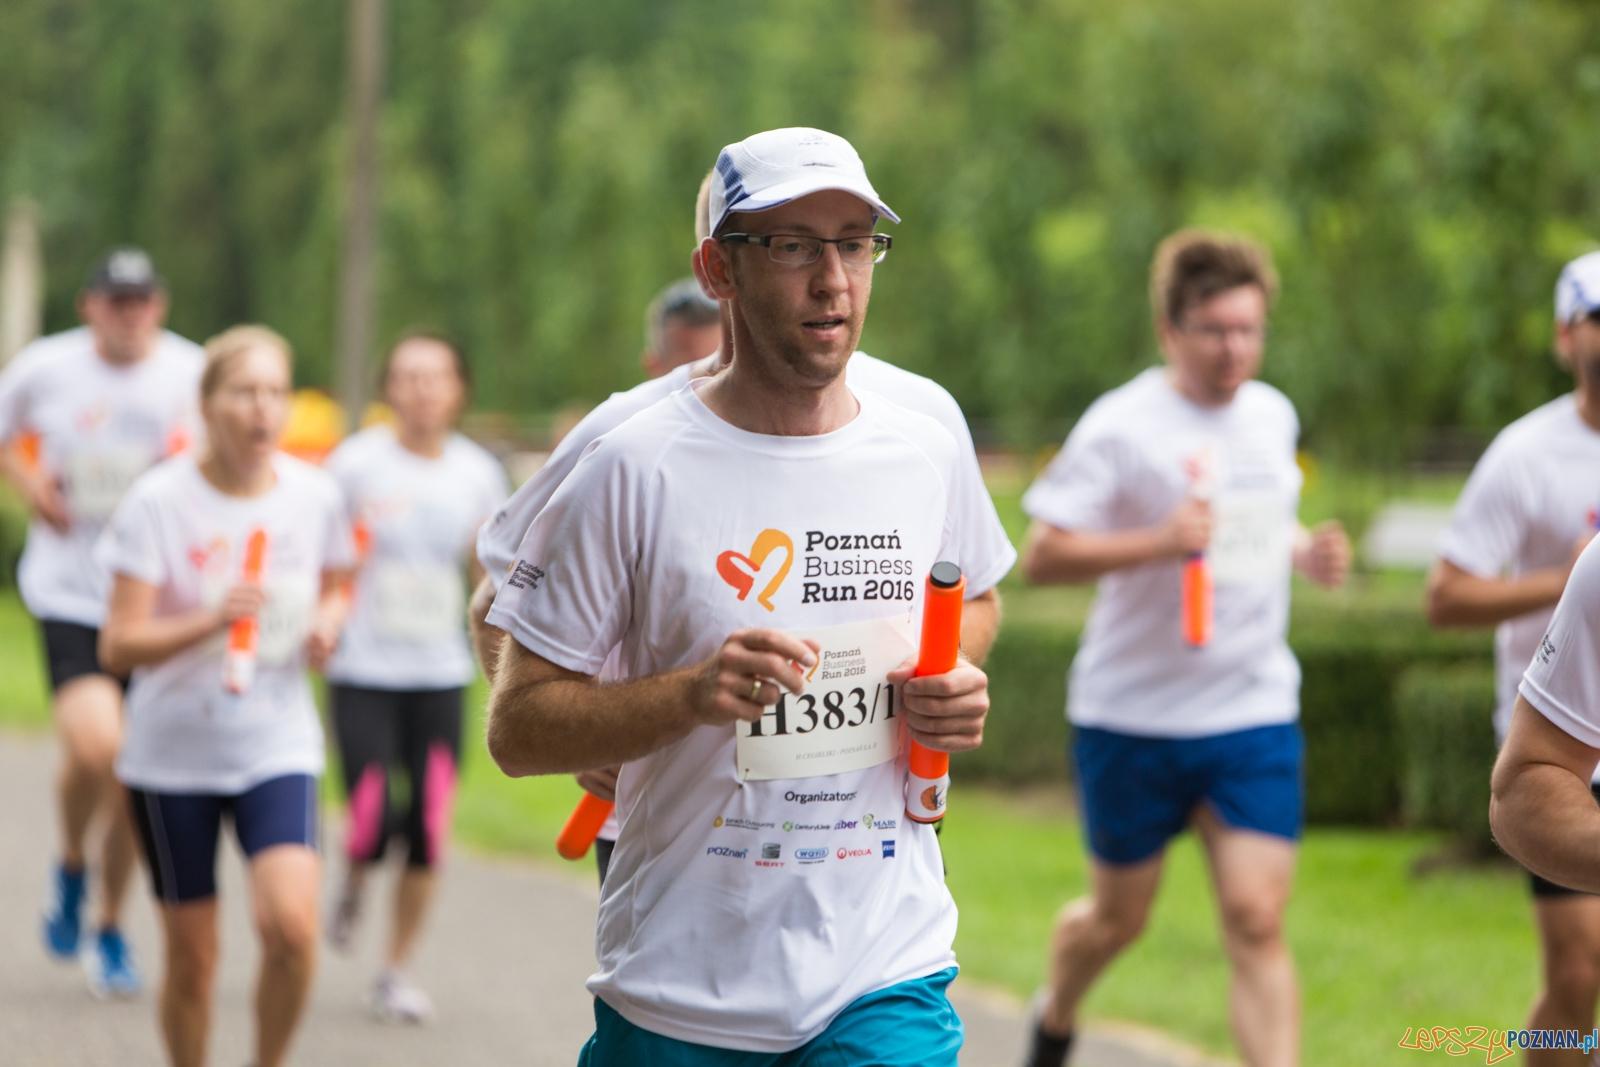 Poznań Business Run 2016  Foto: lepszyPOZNAN.pl / Piotr Rychter